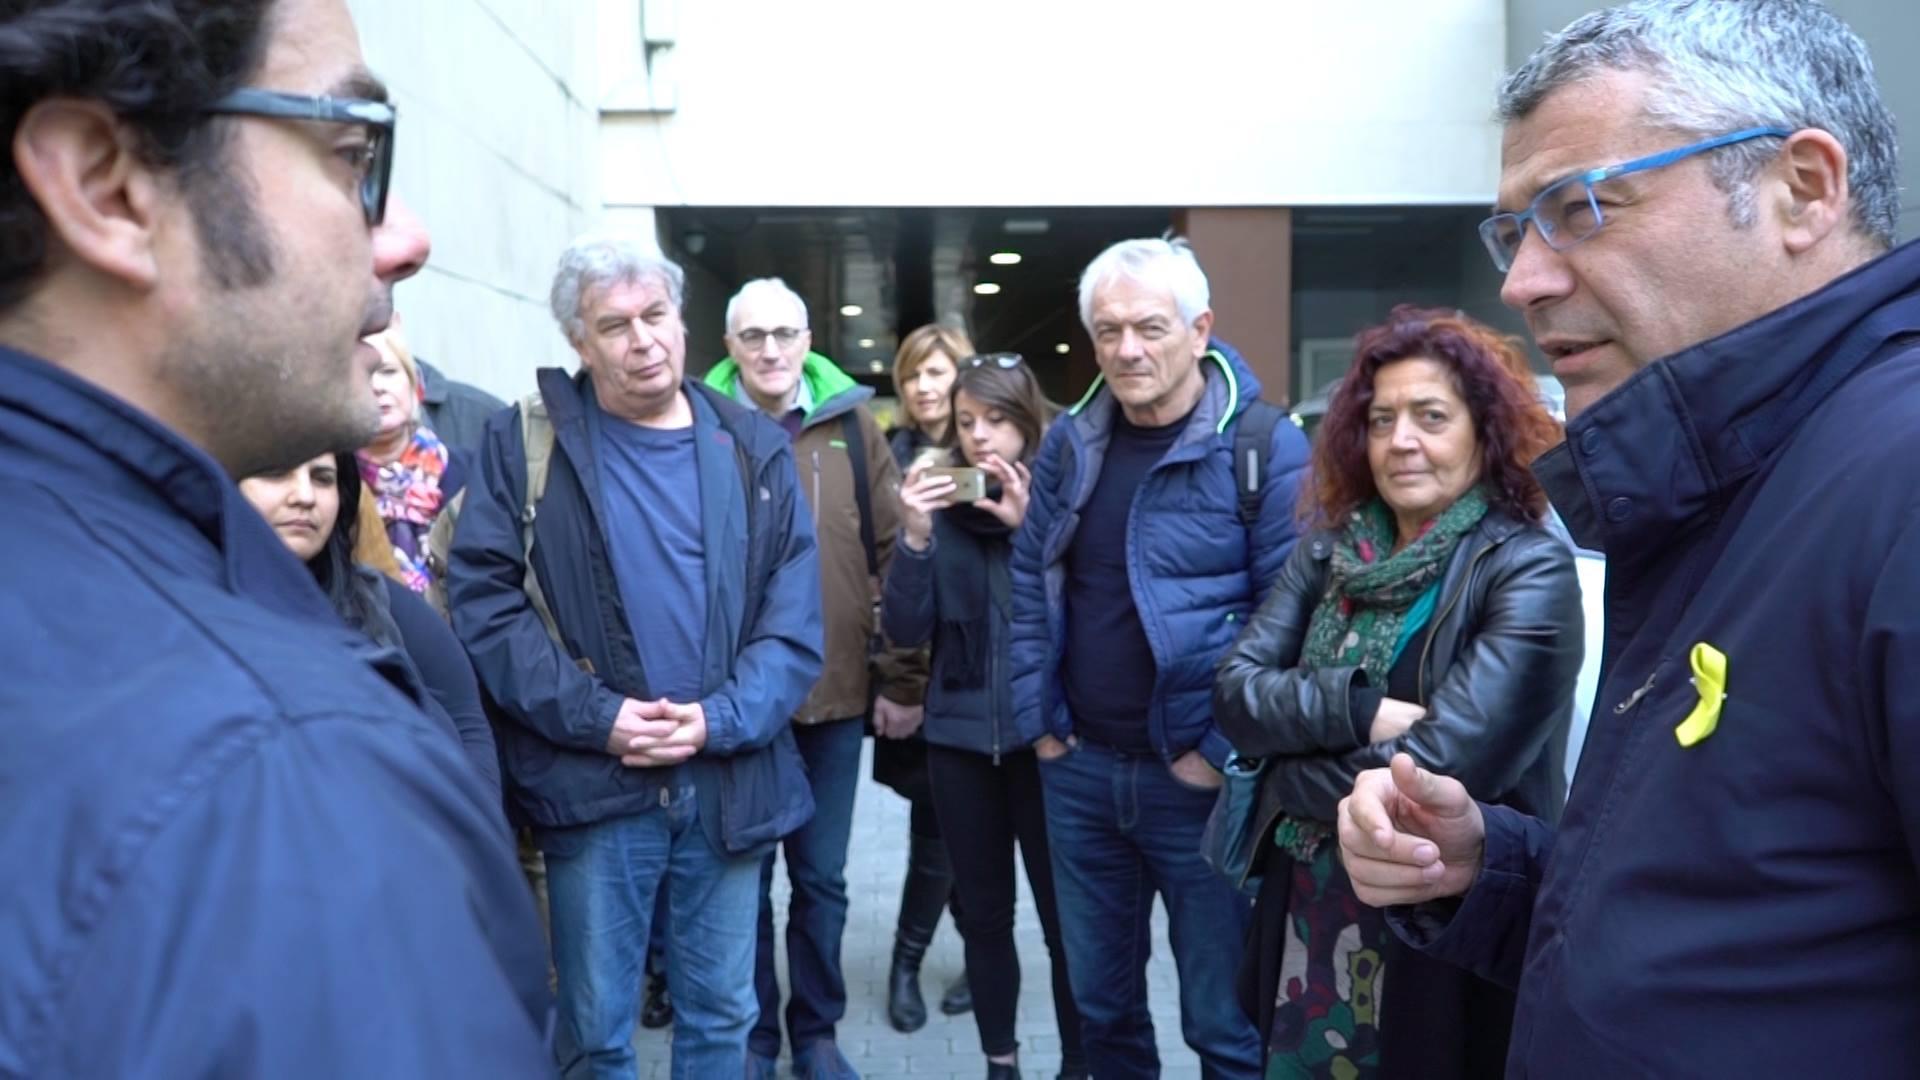 Barcellona (marzo 2018), il nostro incontro con gli esponenti dell'Esquerra Republicana